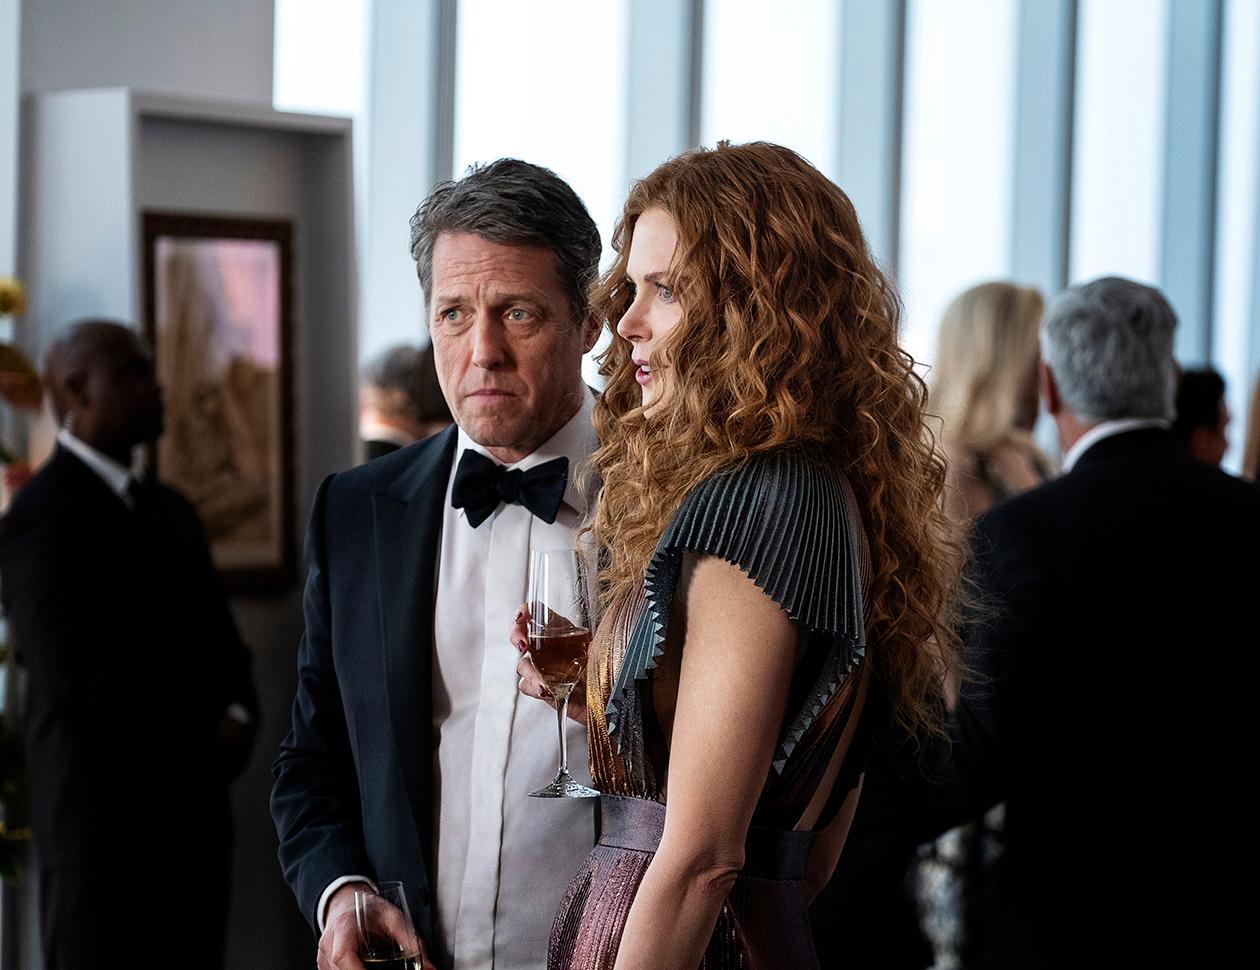 Hugh Grantin ja Nicole Kidmanin hahmot seisovat keskellä salia seurapiirijuhlissa.